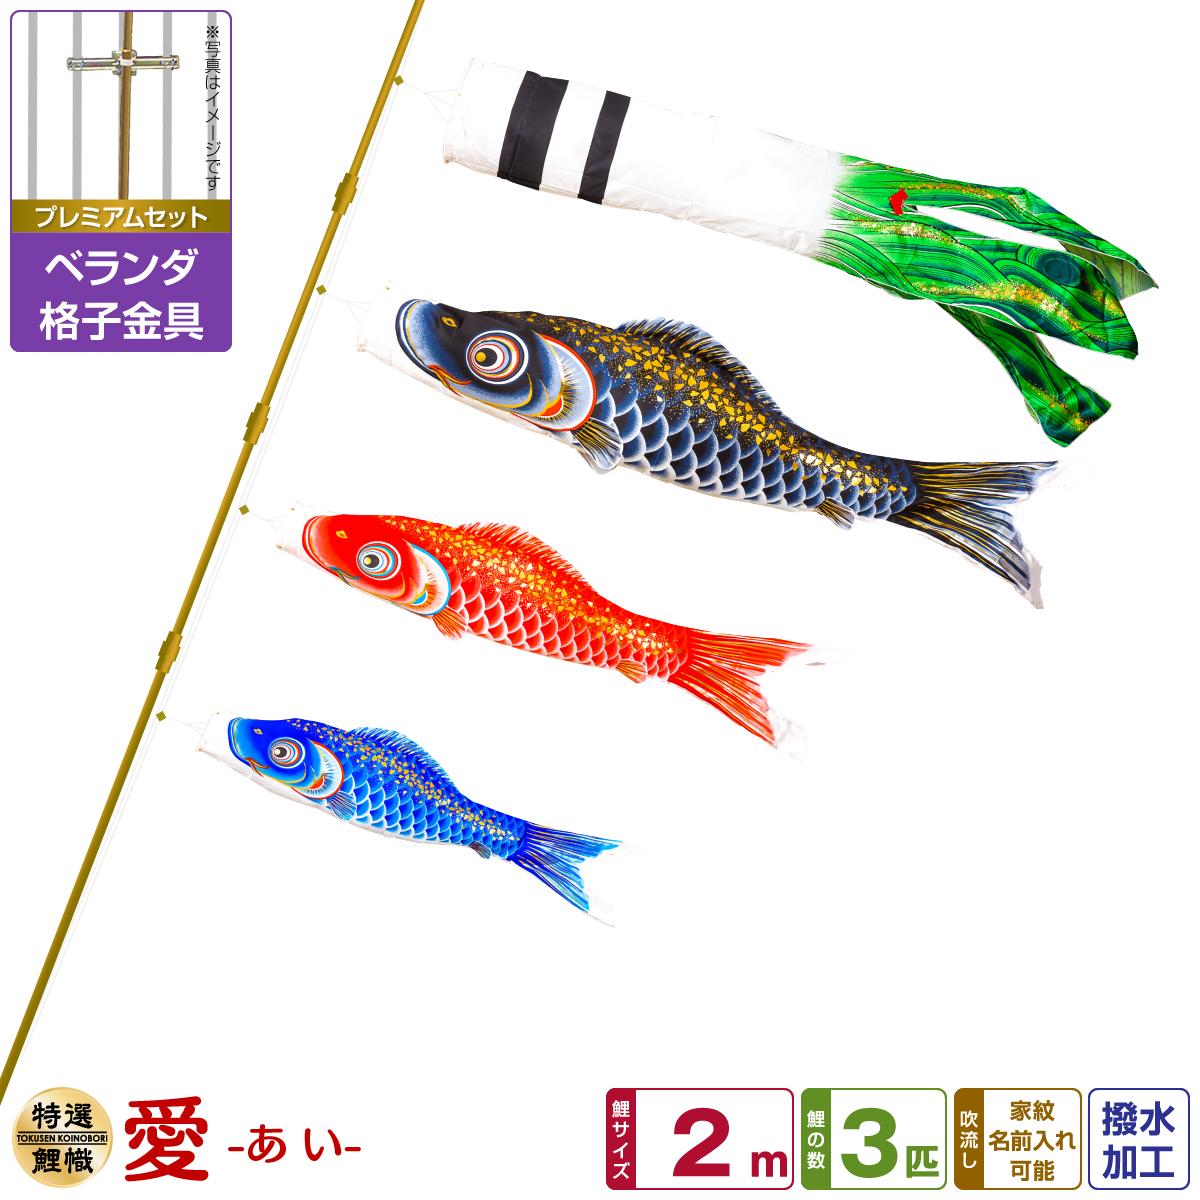 ベランダ用 こいのぼり 鯉のぼり 愛 2m 6点(吹流し+鯉3匹+矢車+ロープ)/プレミアムセット(格子金具)